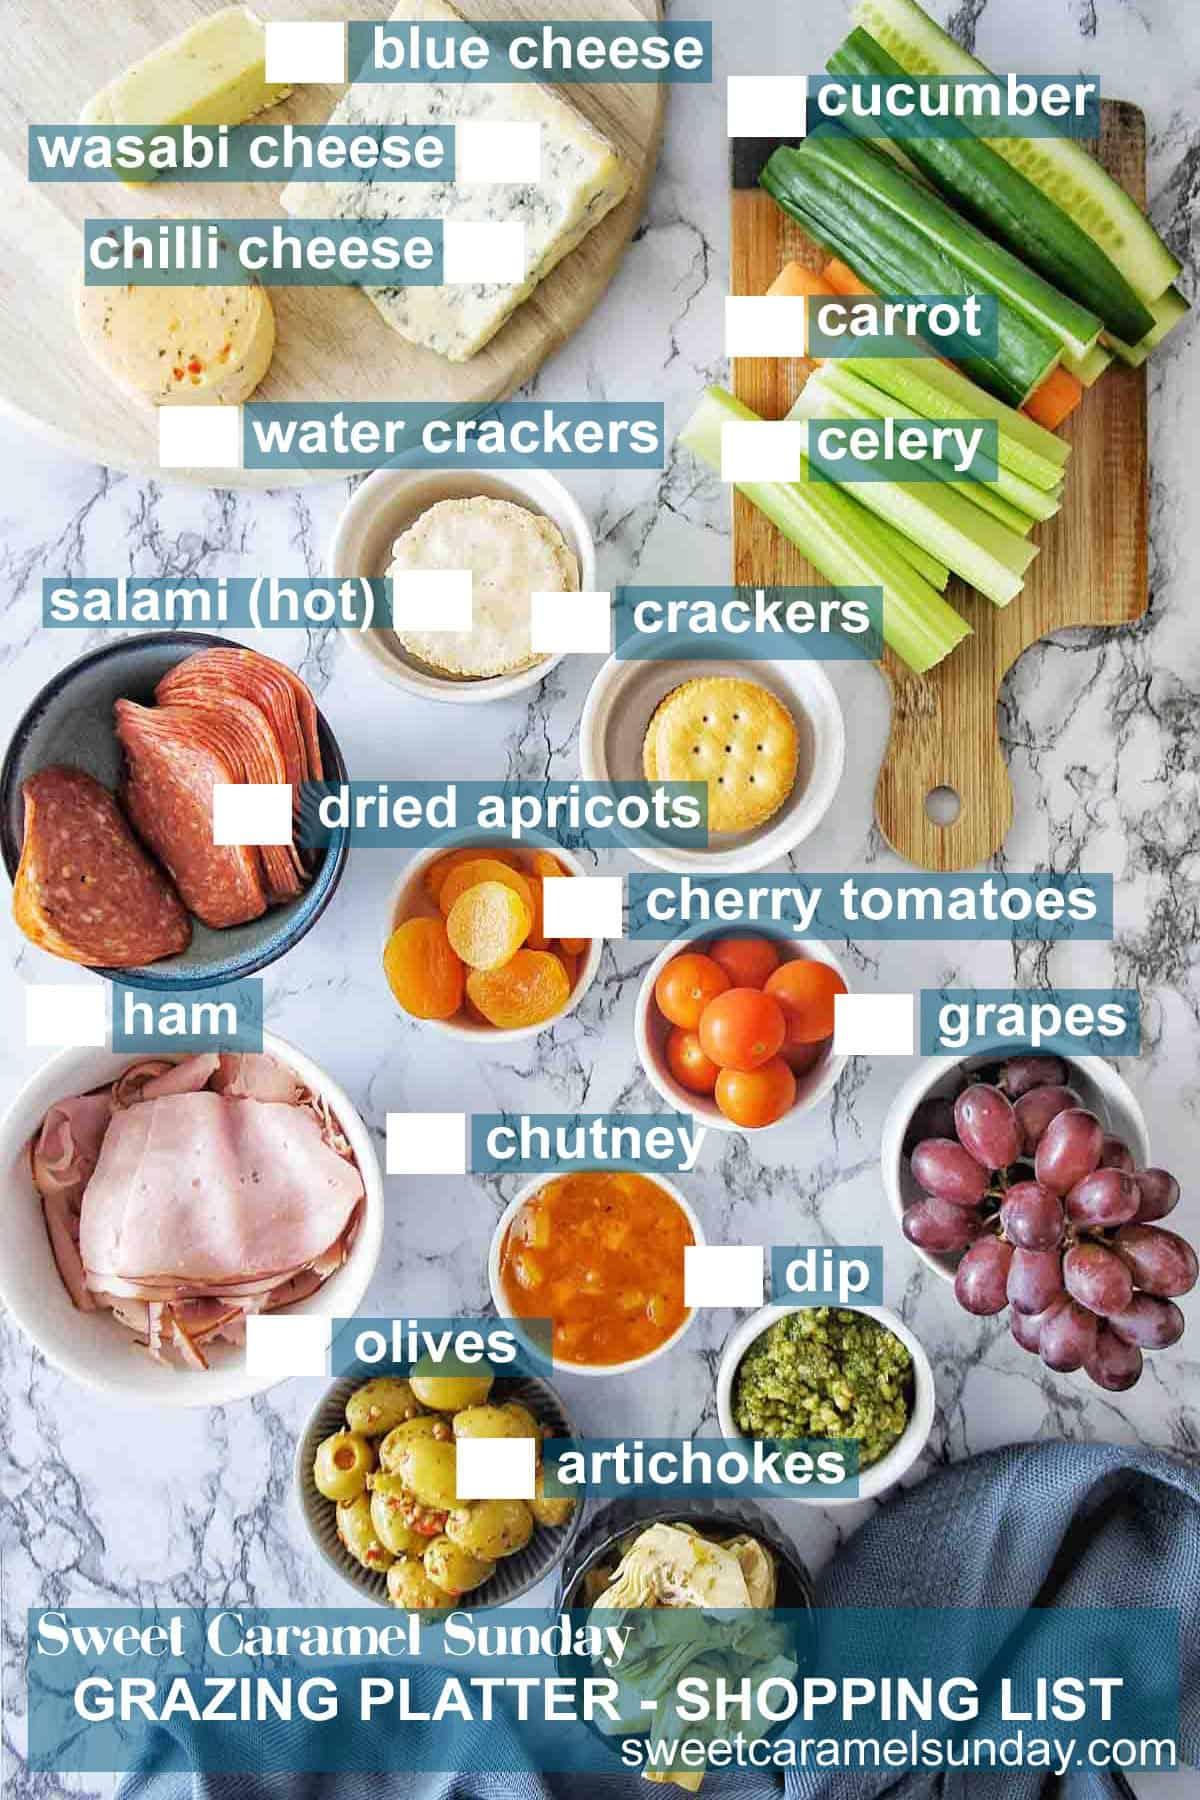 Grazing Platter Shopping List